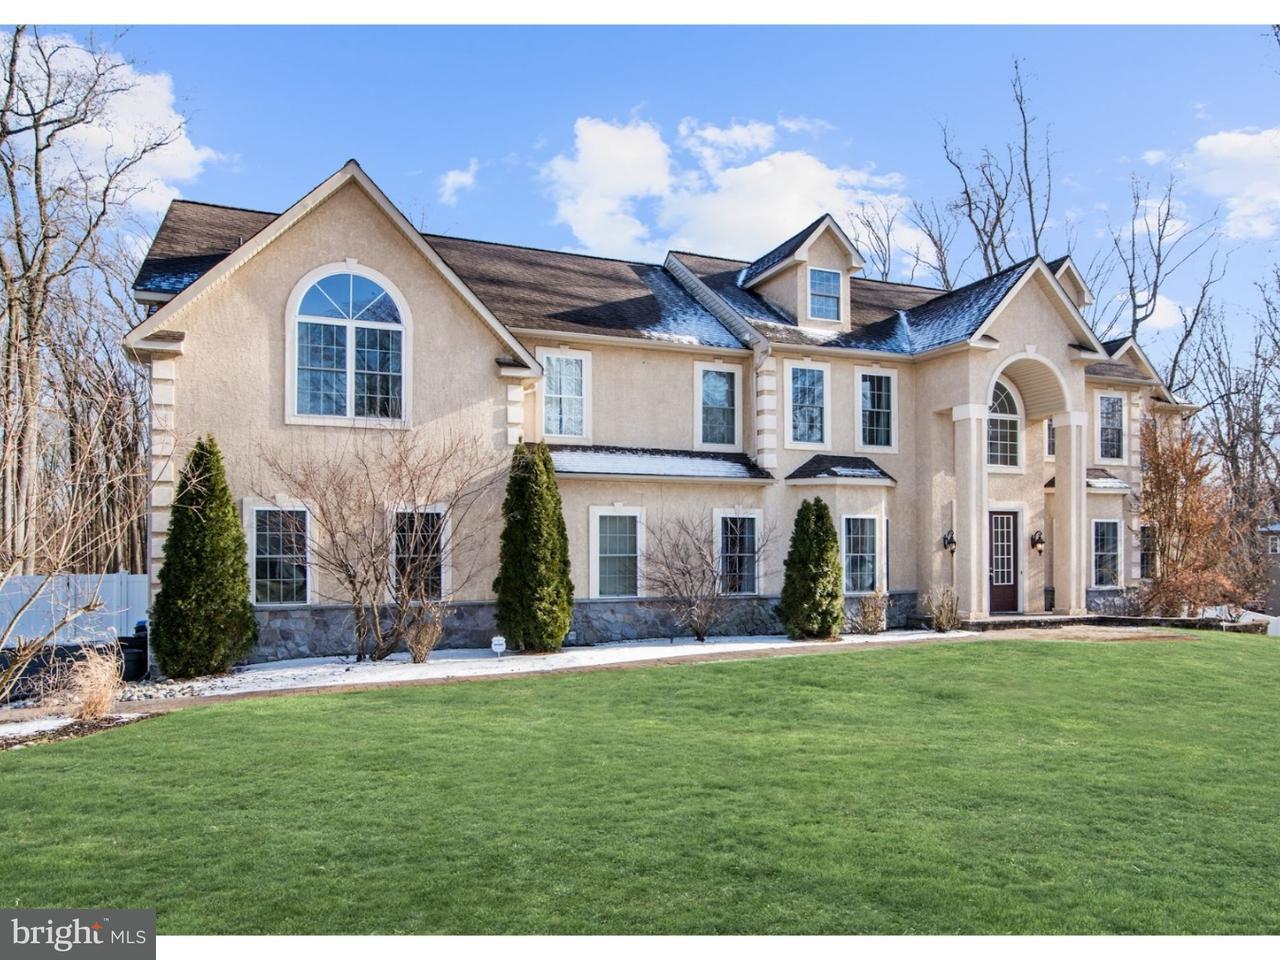 独户住宅 为 销售 在 127 ERICA Drive Swedesboro, 新泽西州 08085 美国